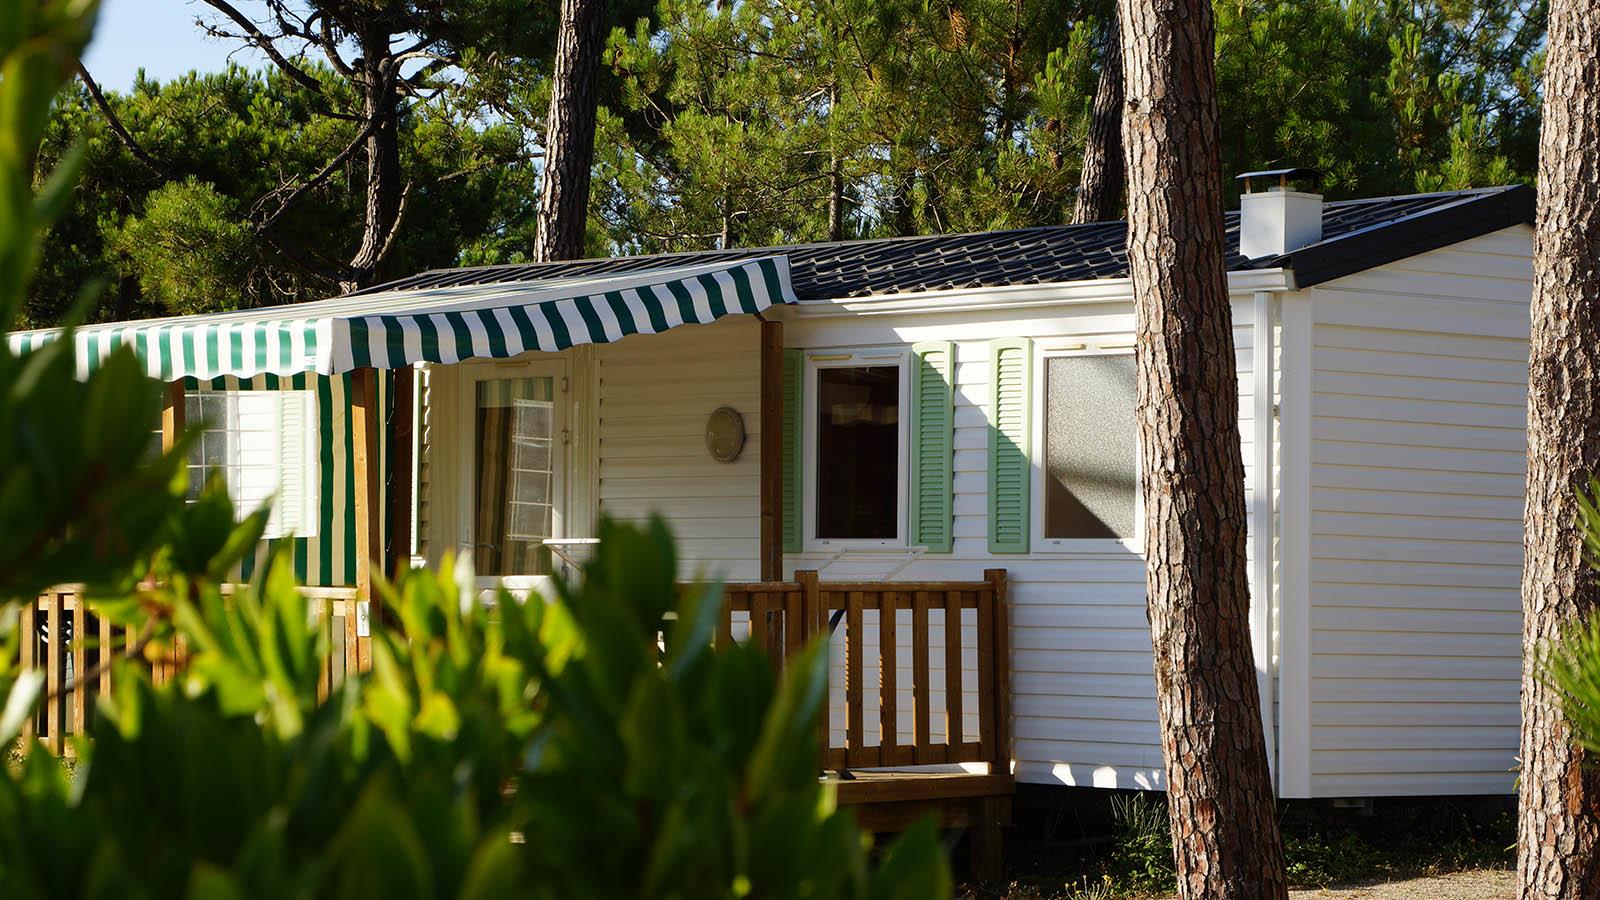 Réserver Un Camping À Notre Dame De Monts Pour Les Vacances concernant Camping Notre Dame De Monts Avec Piscine